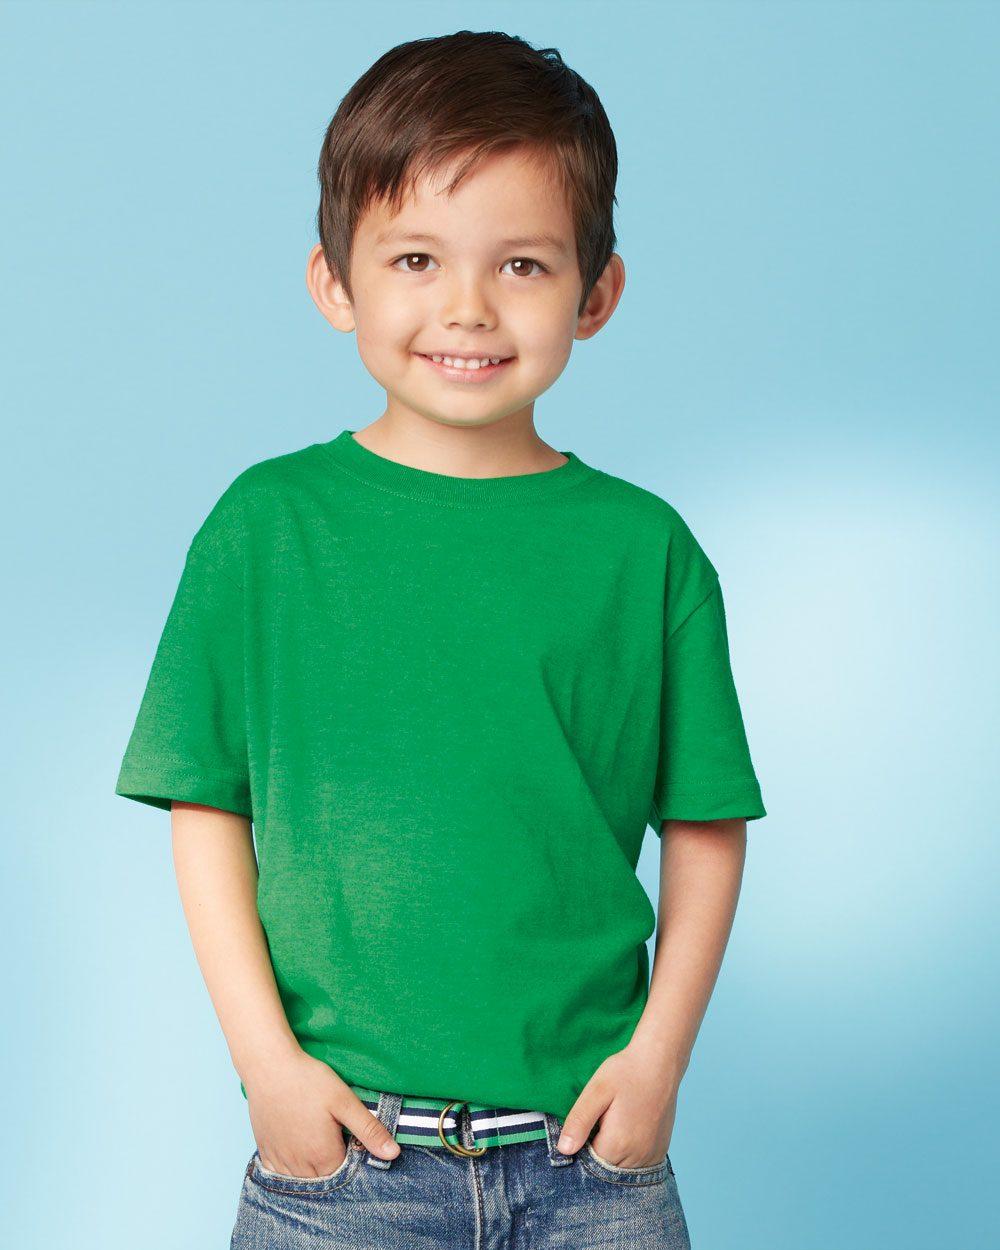 c2fe8ab93 Rabbit Skins Toddler Vintage T-Shirt 3305 - Evan Webster INK